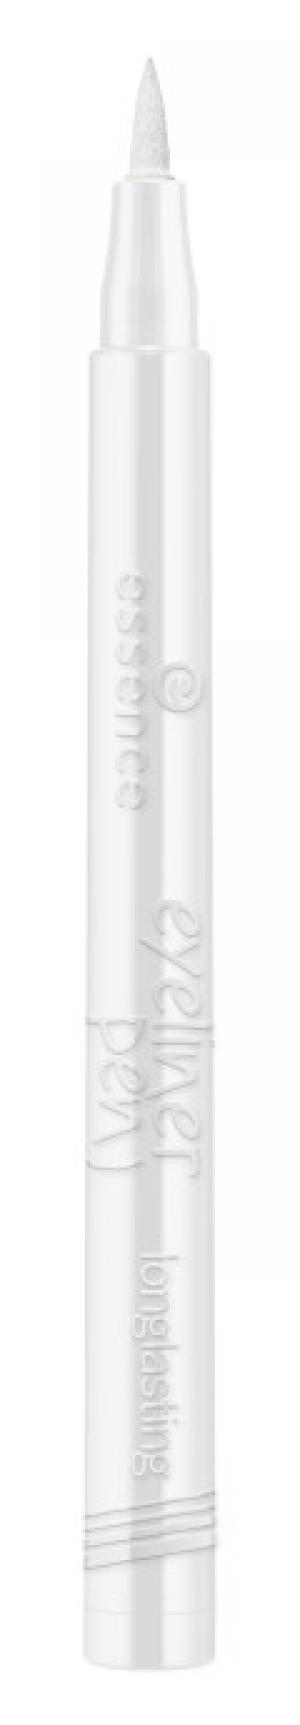 Подводка essence 02 White. Цвет: 02 white